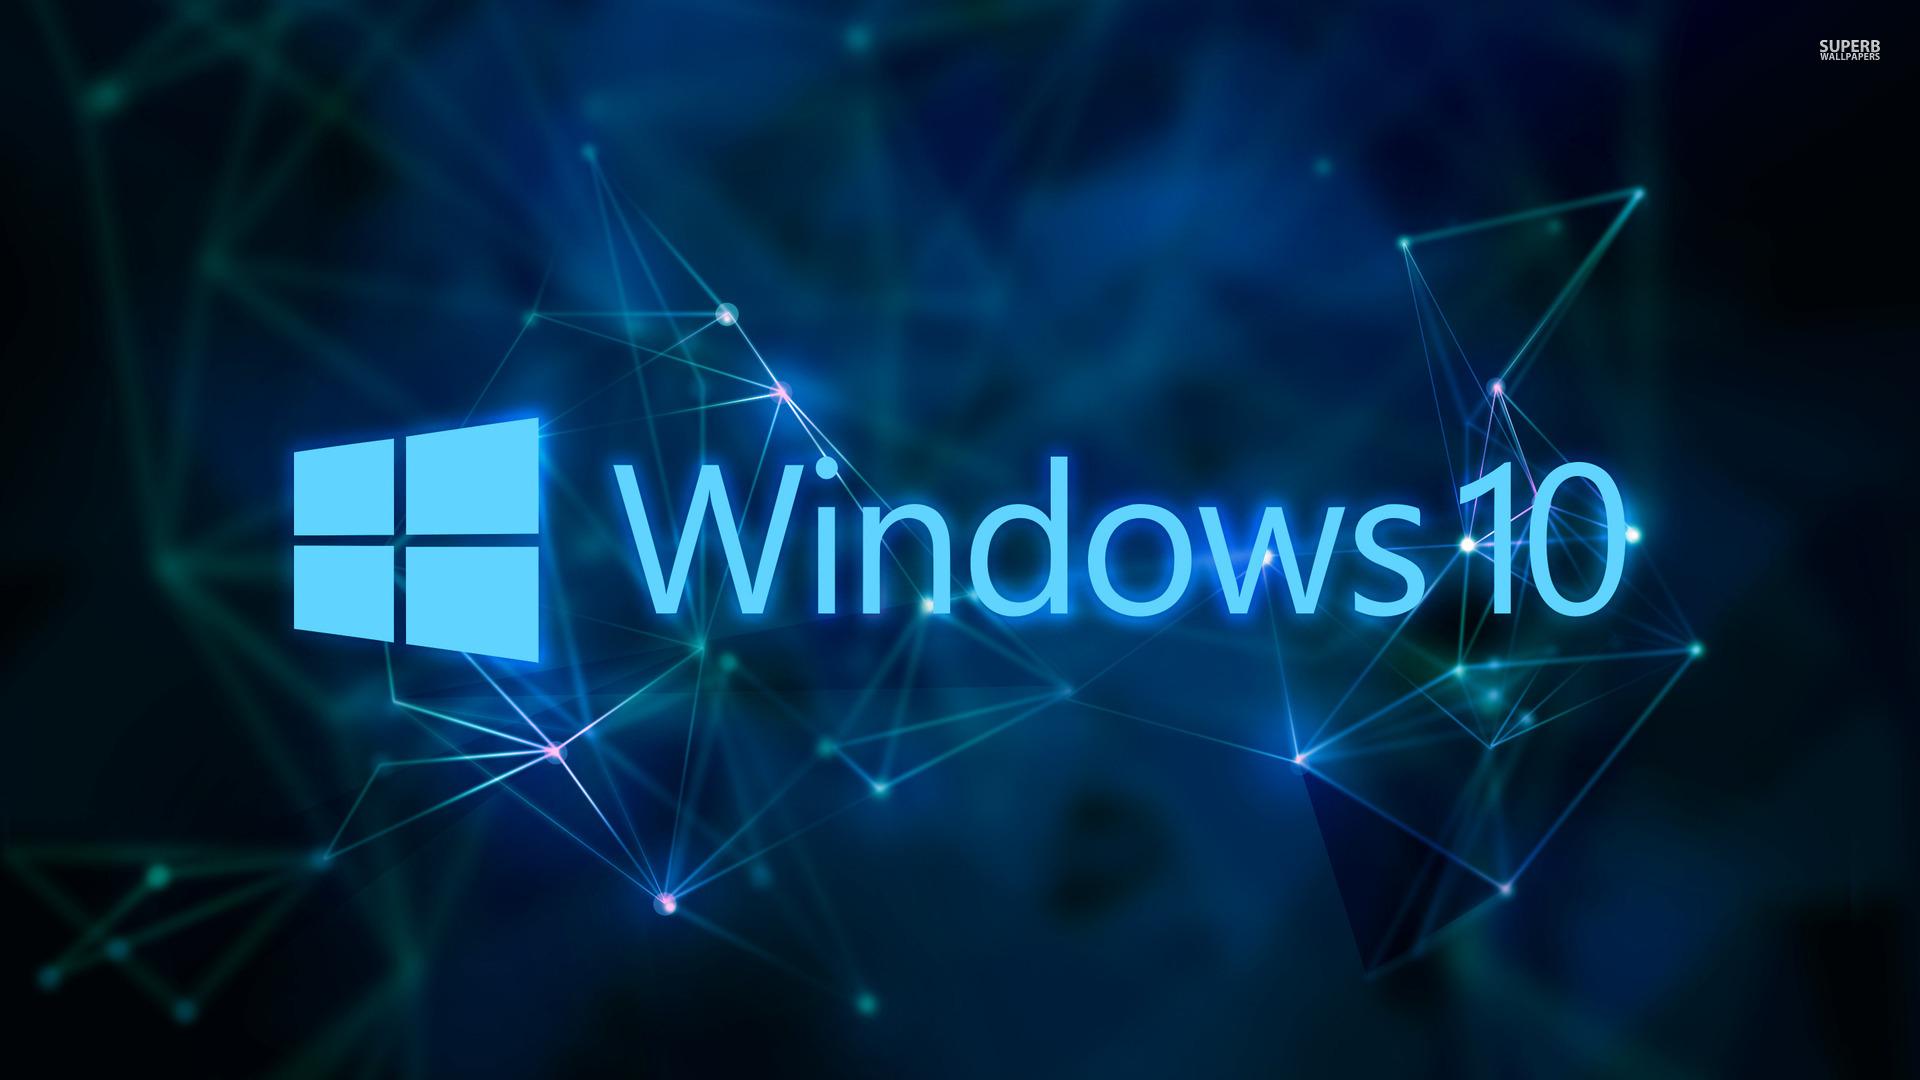 3d Windows 10 Themes 1920x1080 Download Hd Wallpaper Wallpapertip